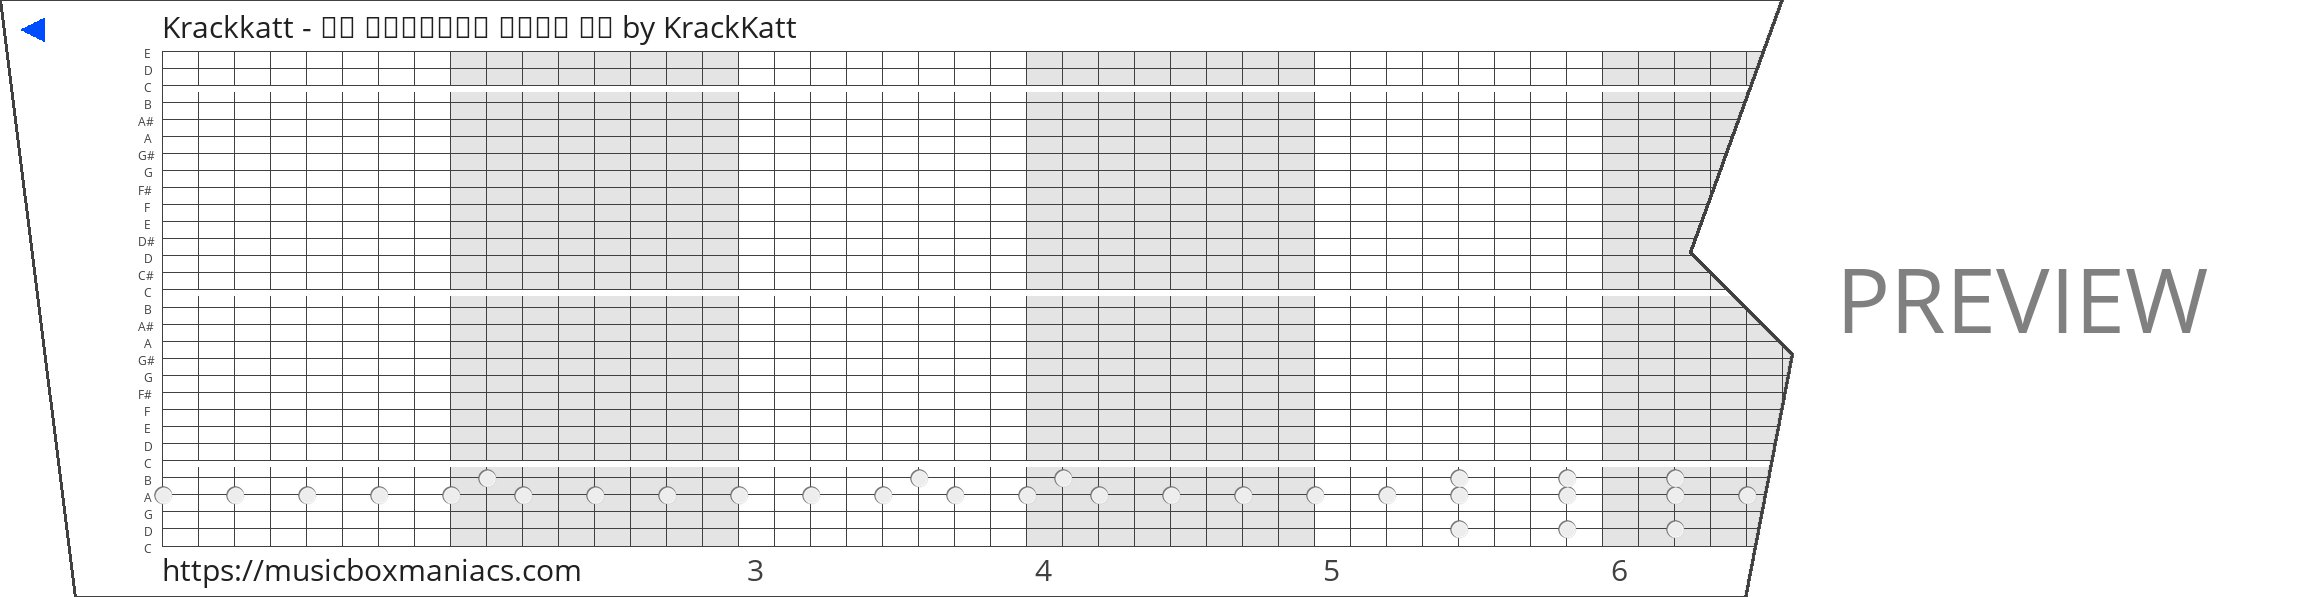 Krackkatt - ミ★ 𝘖𝘱𝘦𝘯𝘪𝘯𝘨 𝘚𝘩𝘰𝘸 ★彡 30 note music box paper strip